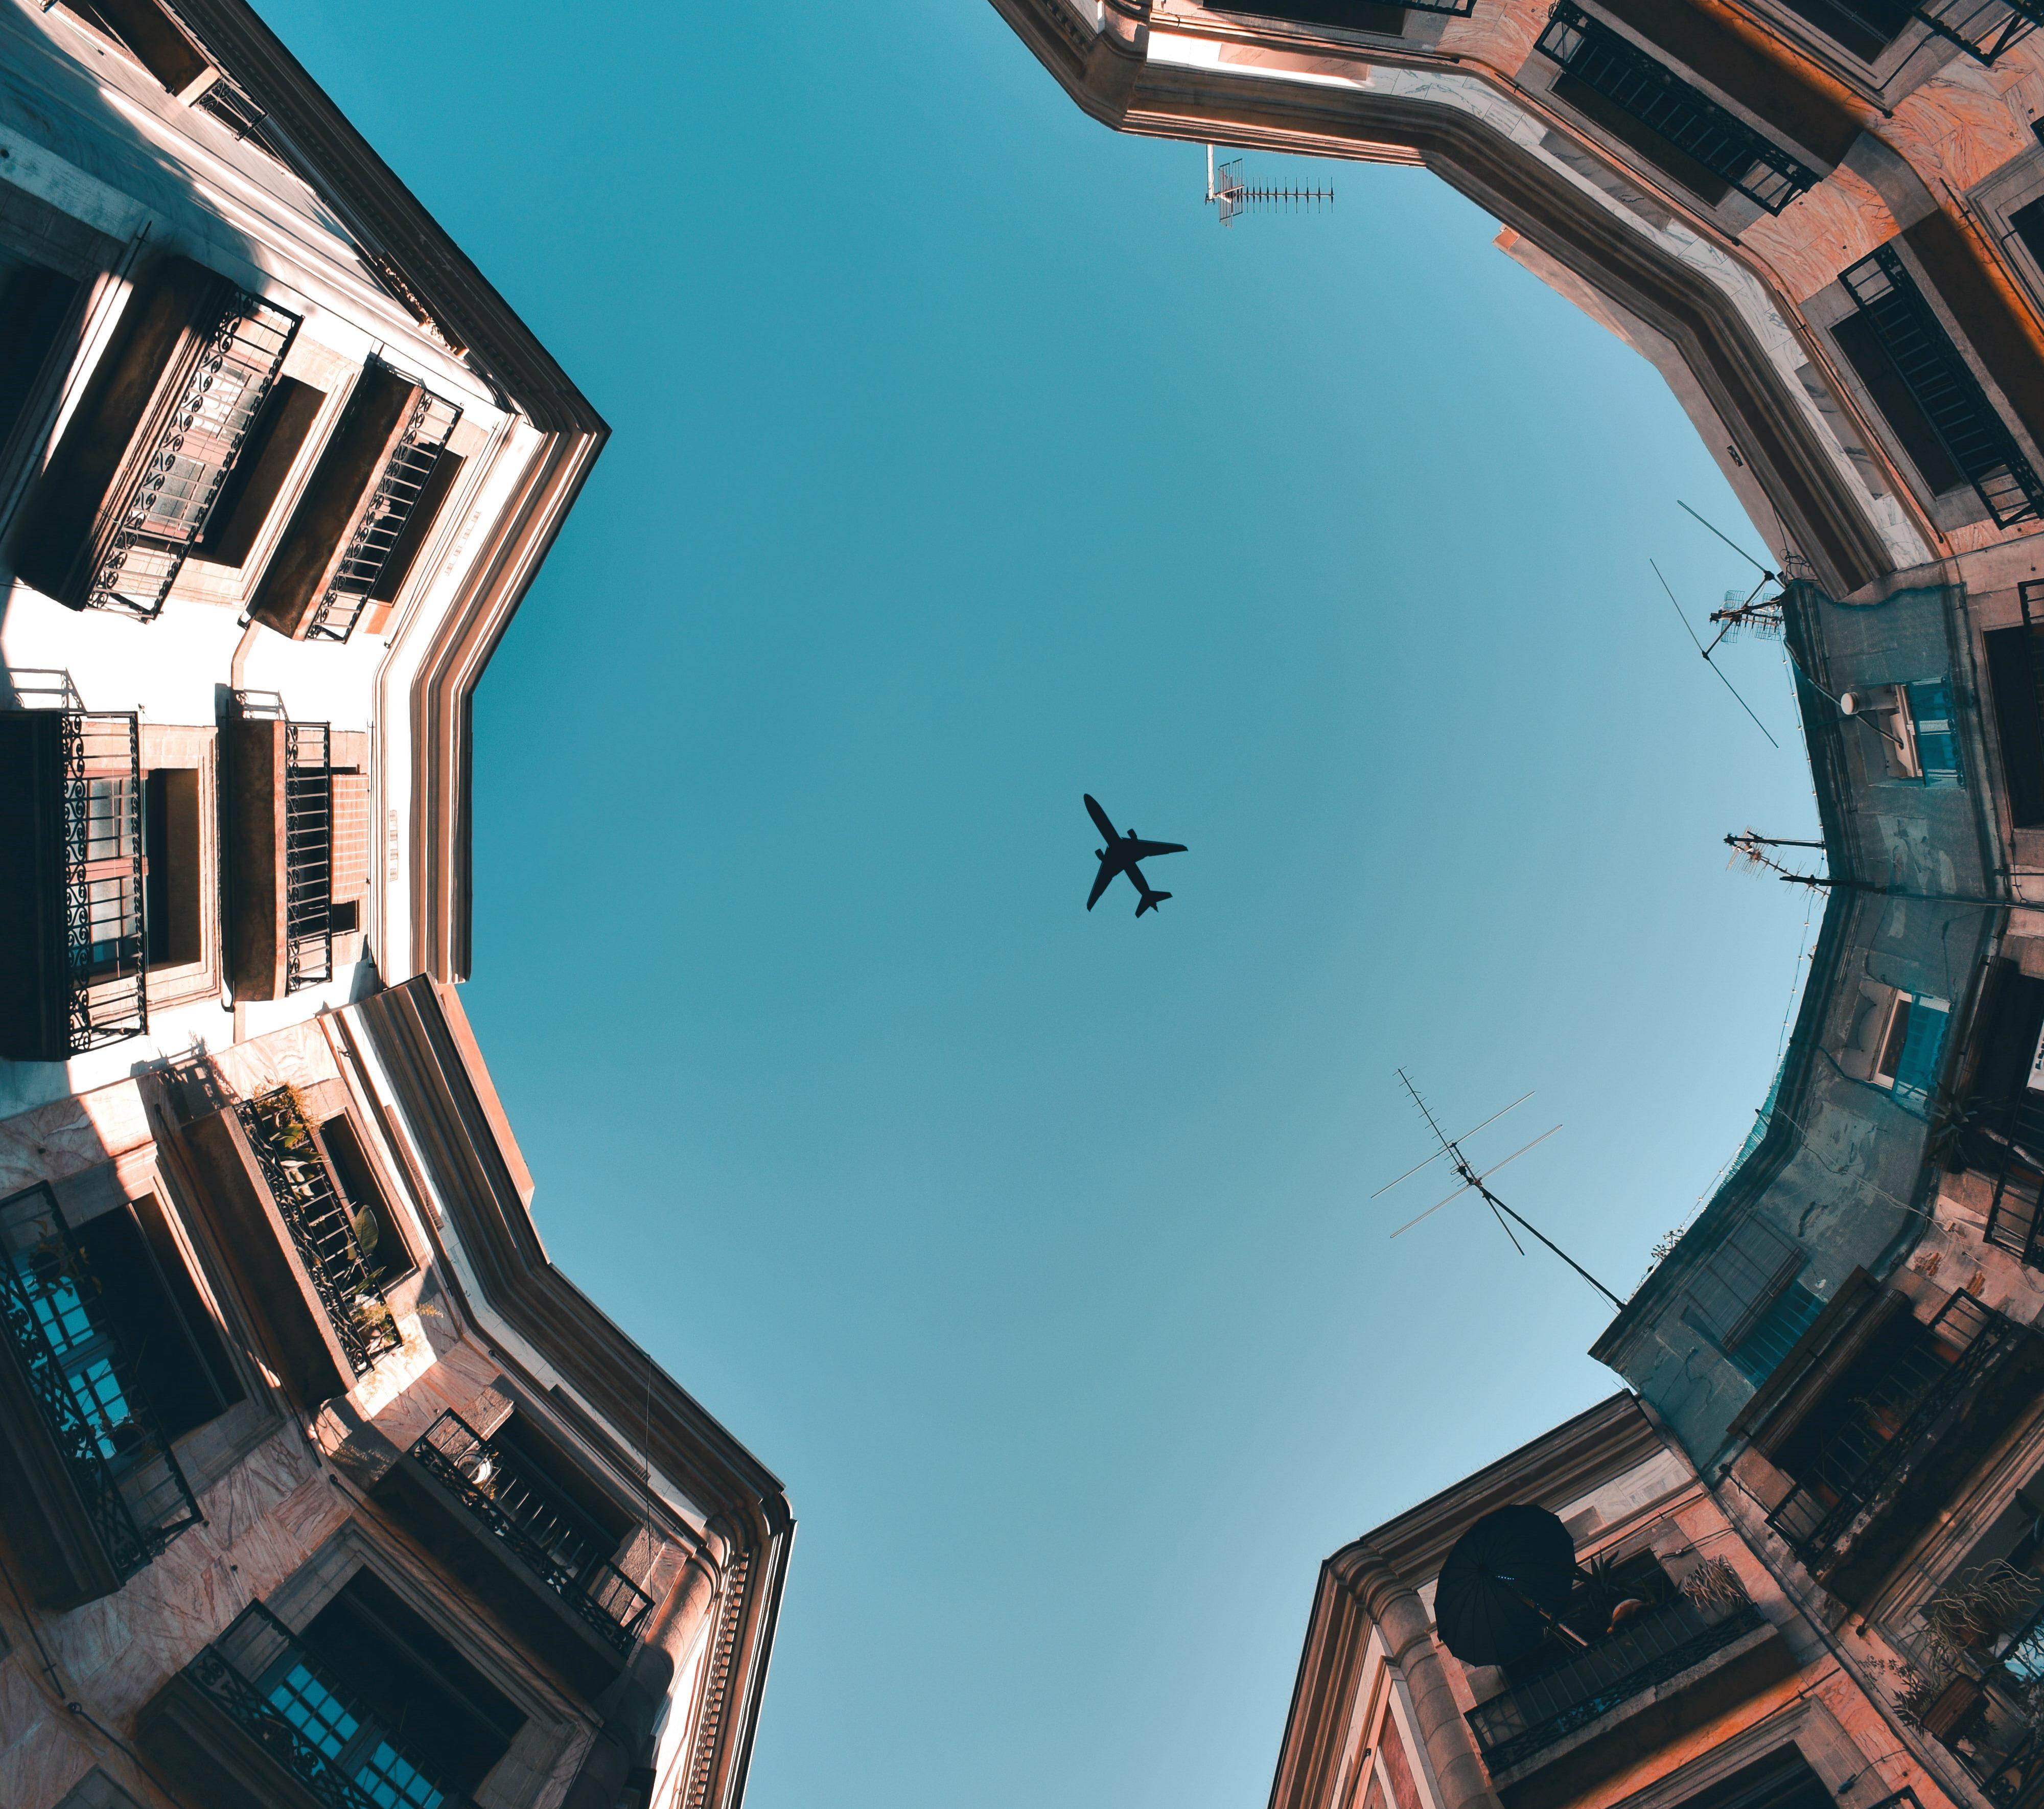 Vueling aixeca el vol i posa a la venda 180 rutes durant juny i juliol